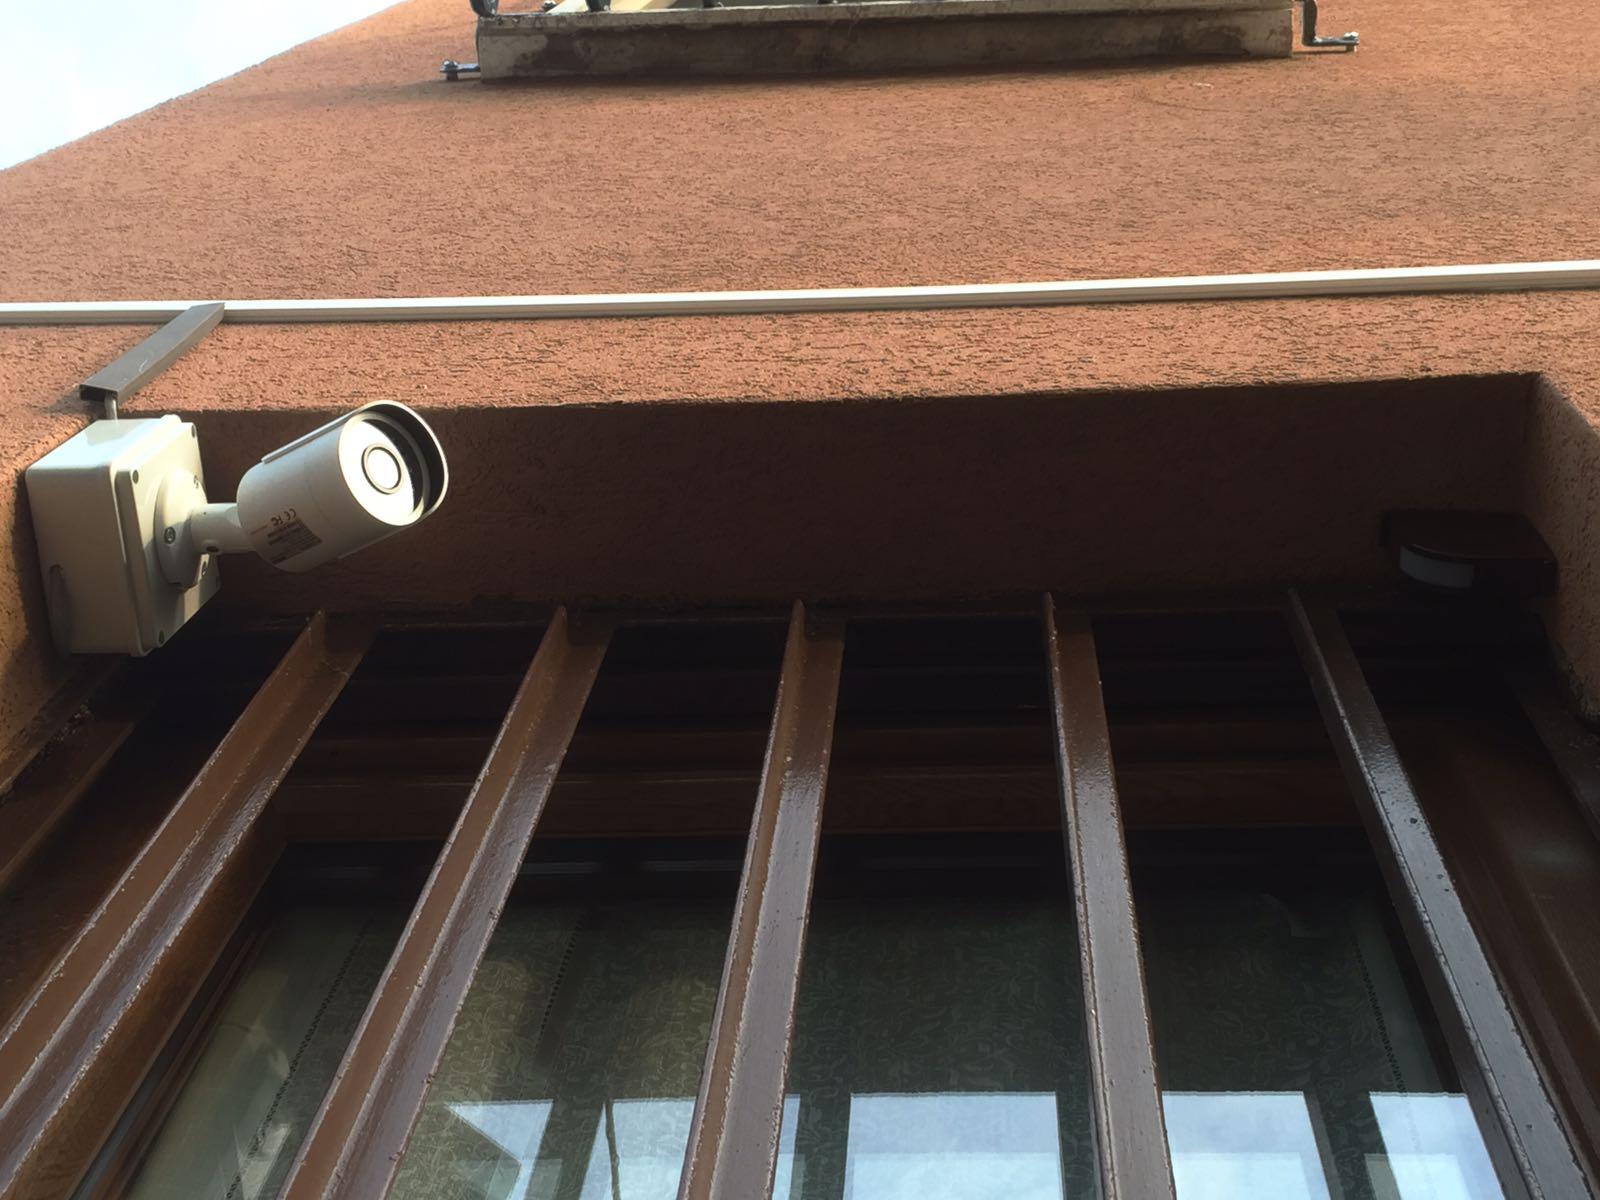 Allarme casa impianto di sicurezza d5 falcoalarm - Impianto di allarme casa ...